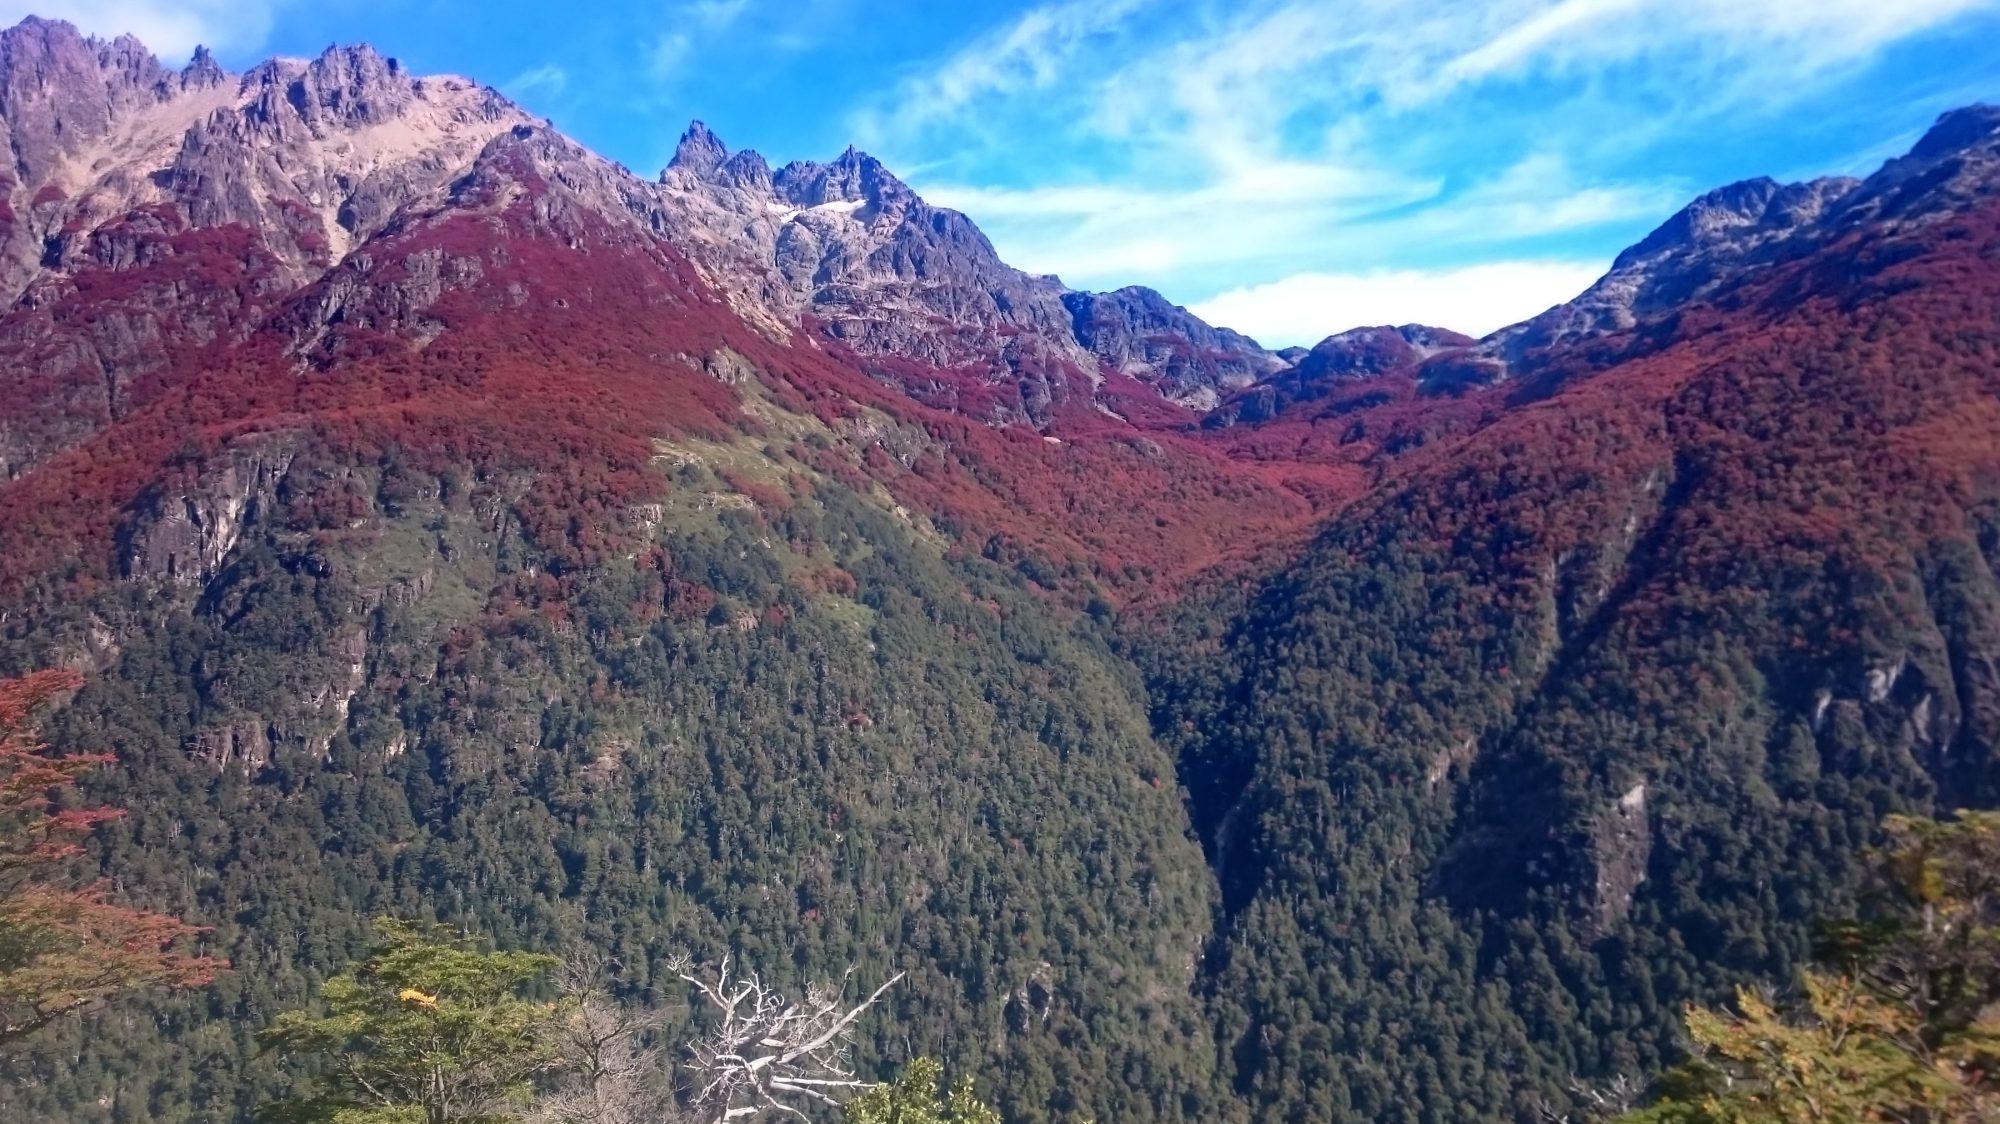 Fjella El Bolson Wanderung Encanto Blanco Patagonien Warton Dedo Gordo Encanto Blanco Wanderroute Wandern